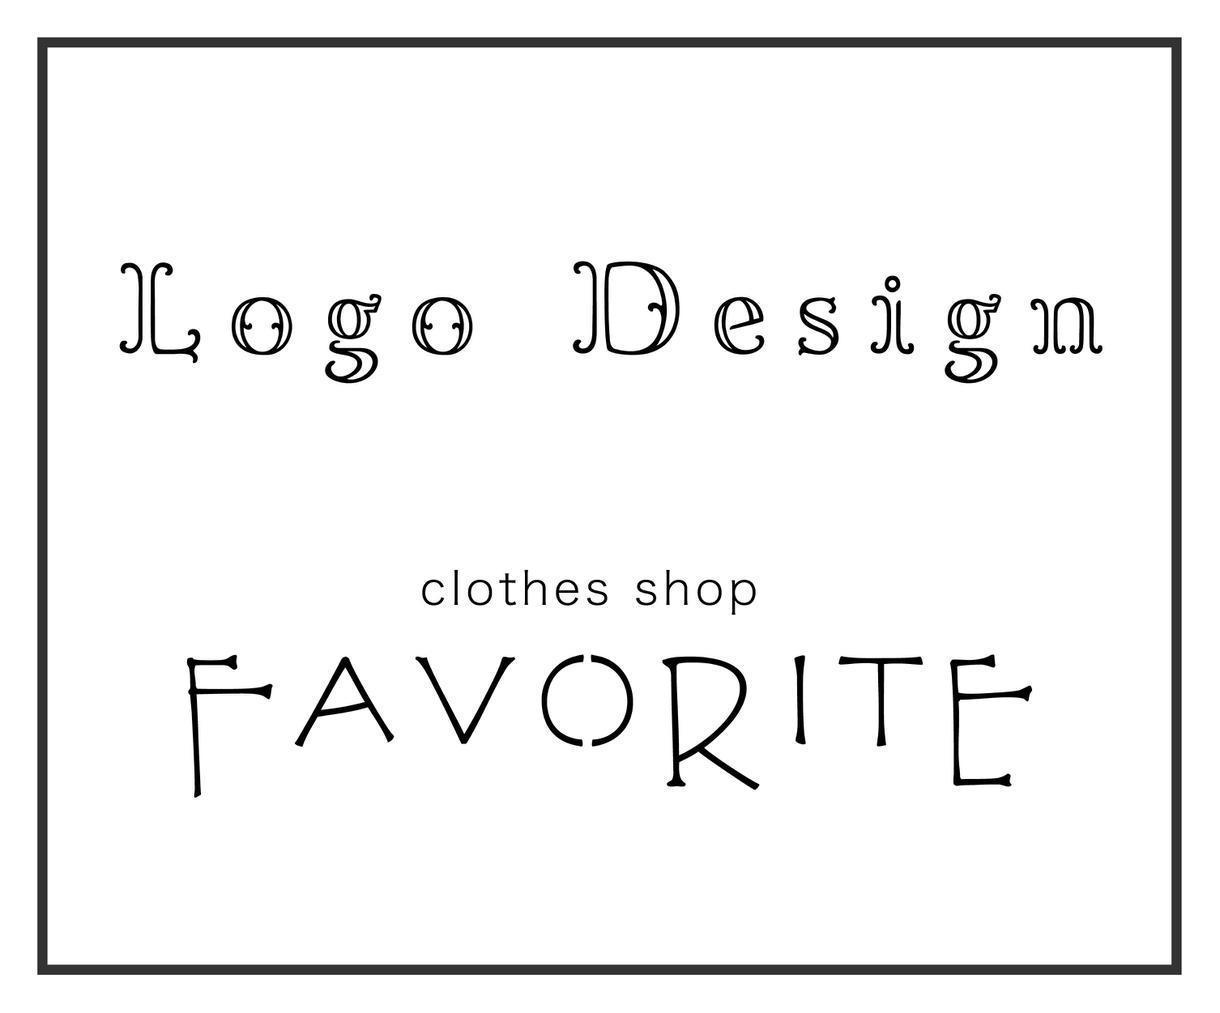 文字だけで勝負!/文字ロゴ をお作ります シンプルでお洒落な ロゴタイプ・文字だけのロゴ【高品質】 イメージ1